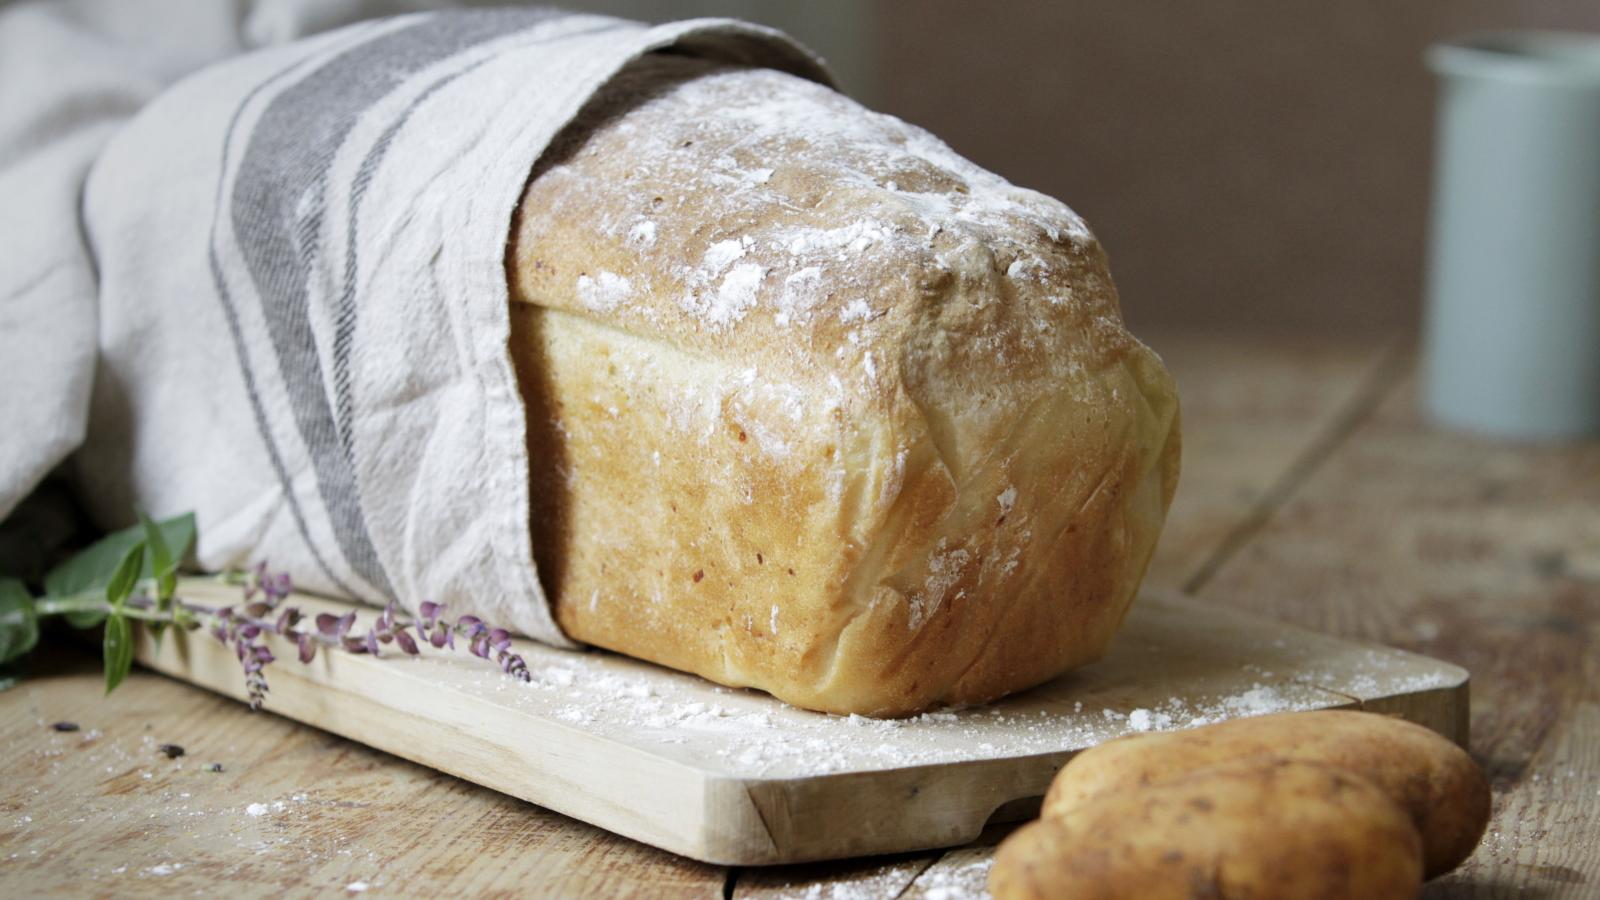 https://begliuteno.schaer.com/recipes/bulviu-duona